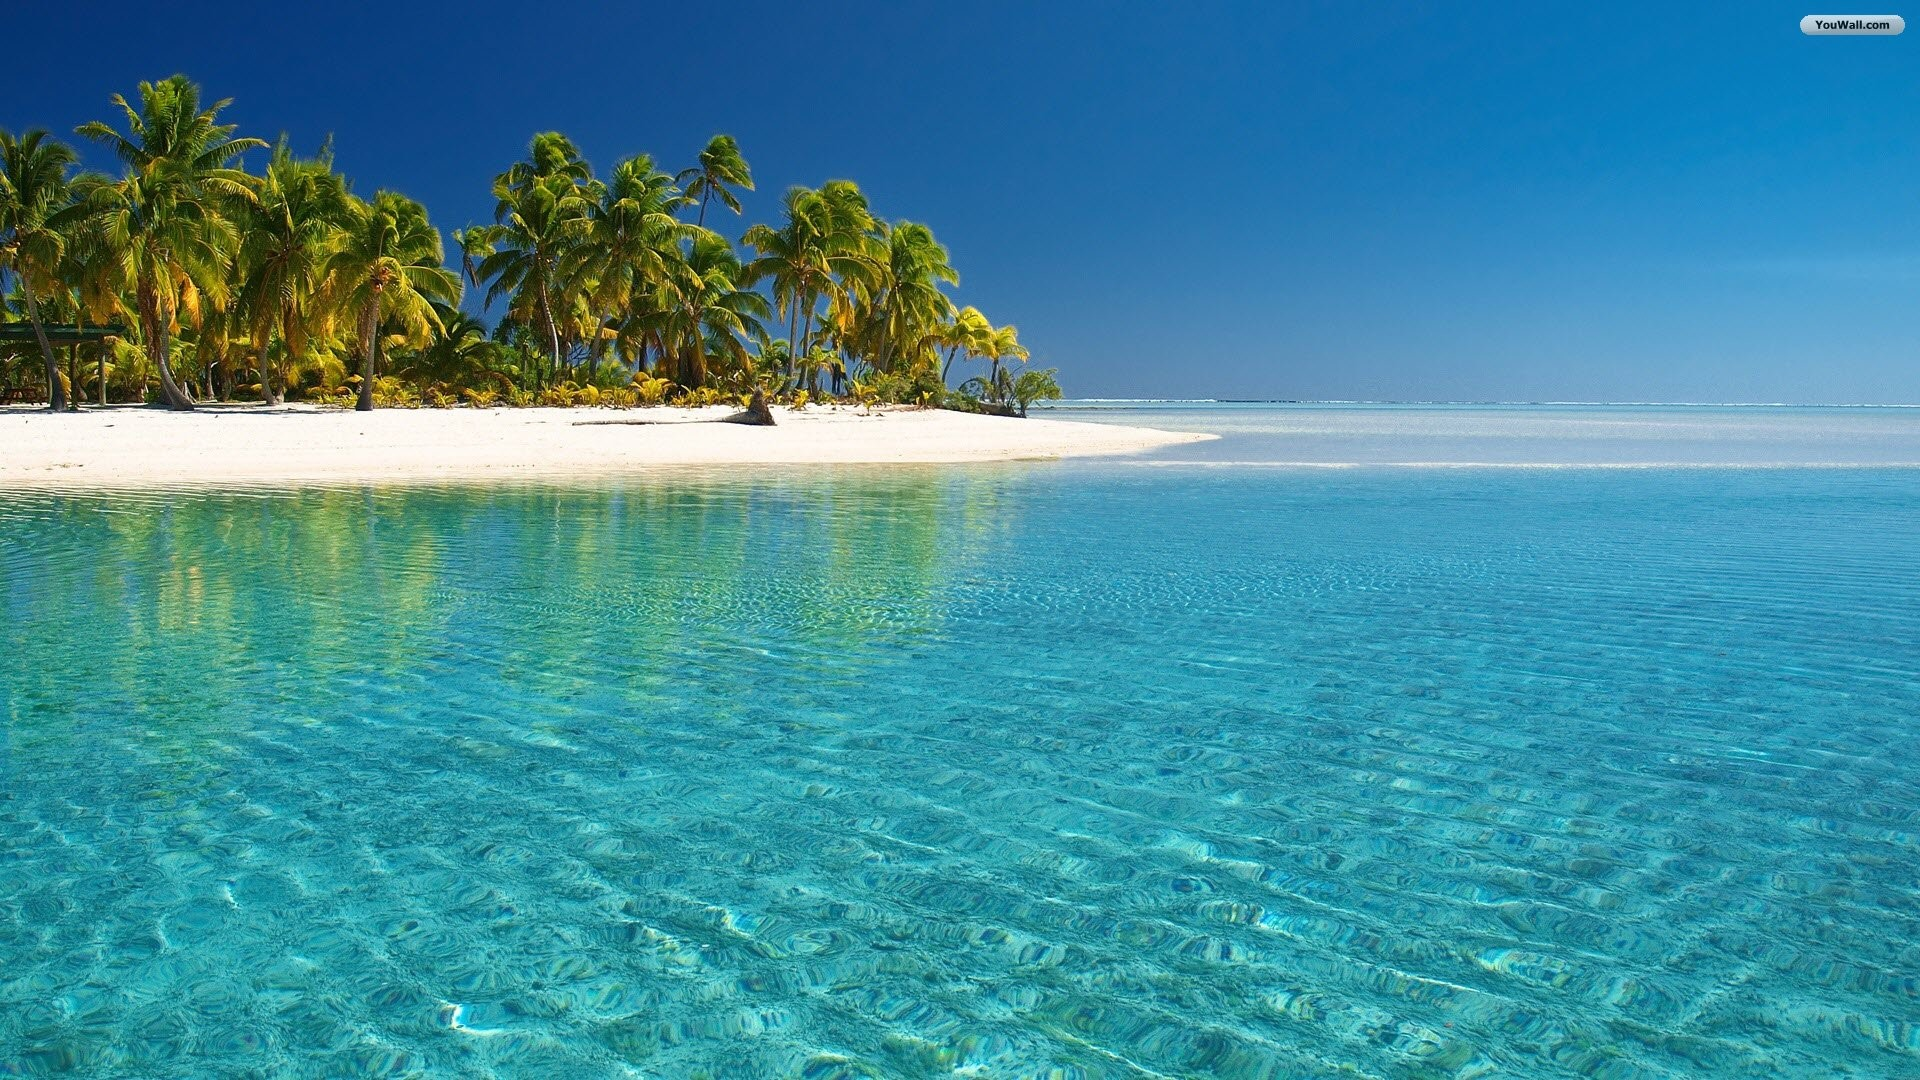 Tropical Beach Desktop Backgrounds HD Wallpapers Desktop .